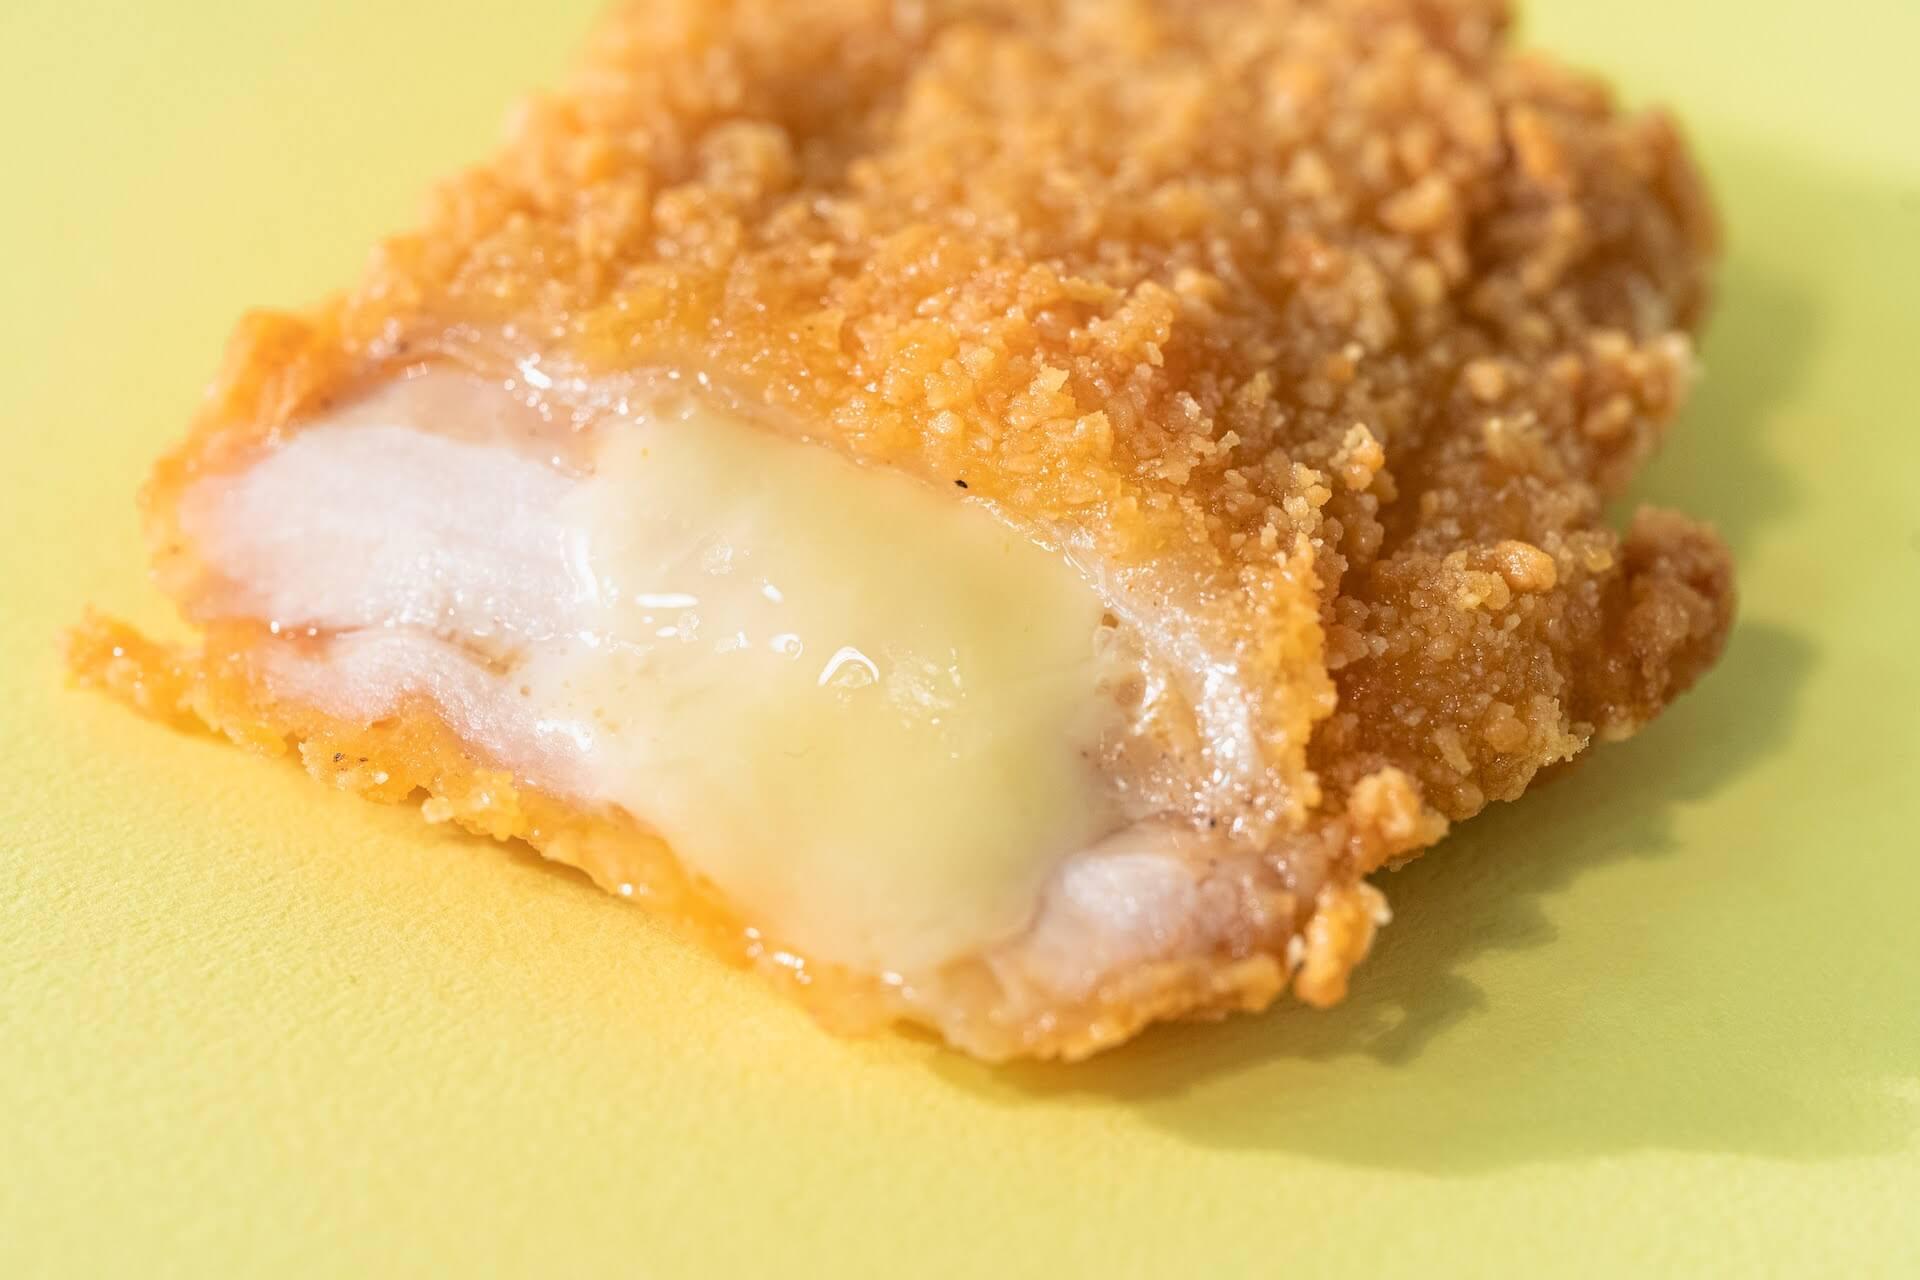 ファミマで大人気の「チーズインファミチキ」が美味しくなって復活!タルタルソース入りの「ふわふわファミチキバンズ」も発売決定 gourmet210510_familymart_chicken_3